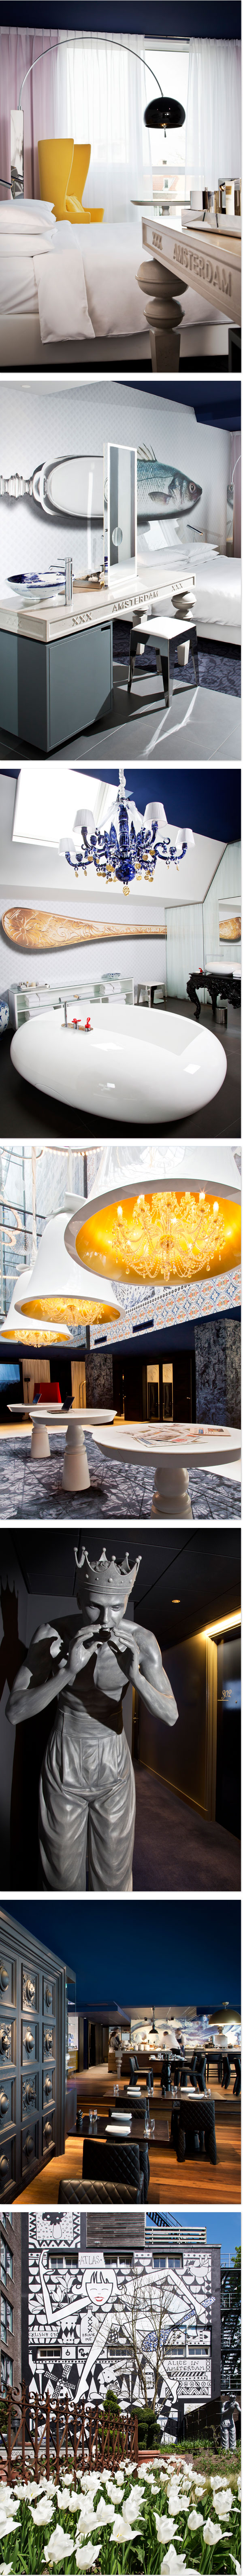 Hotel_Andaz_designhausno_2